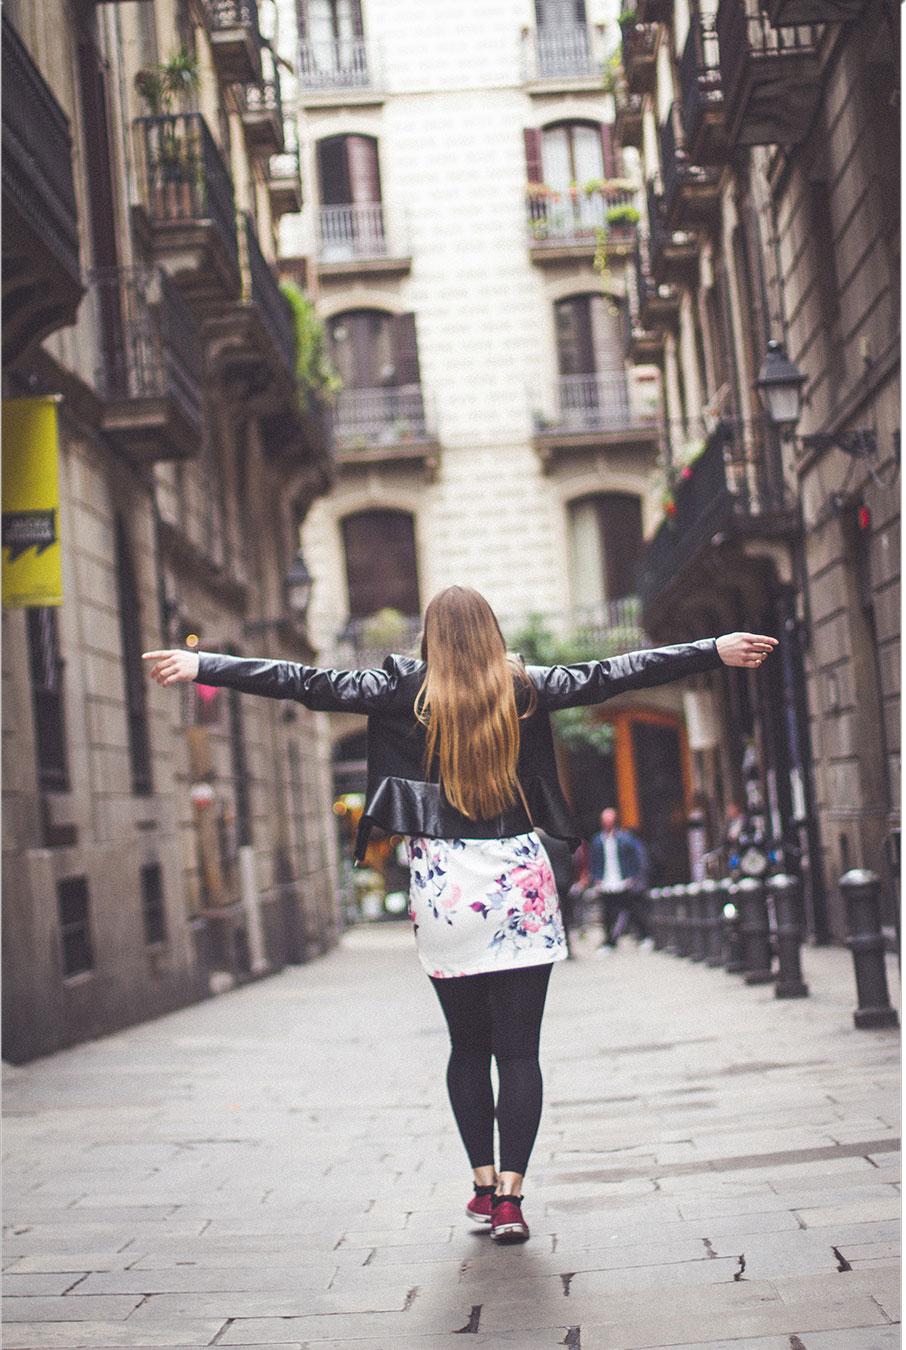 Barcelona-matkustaminen-tytto